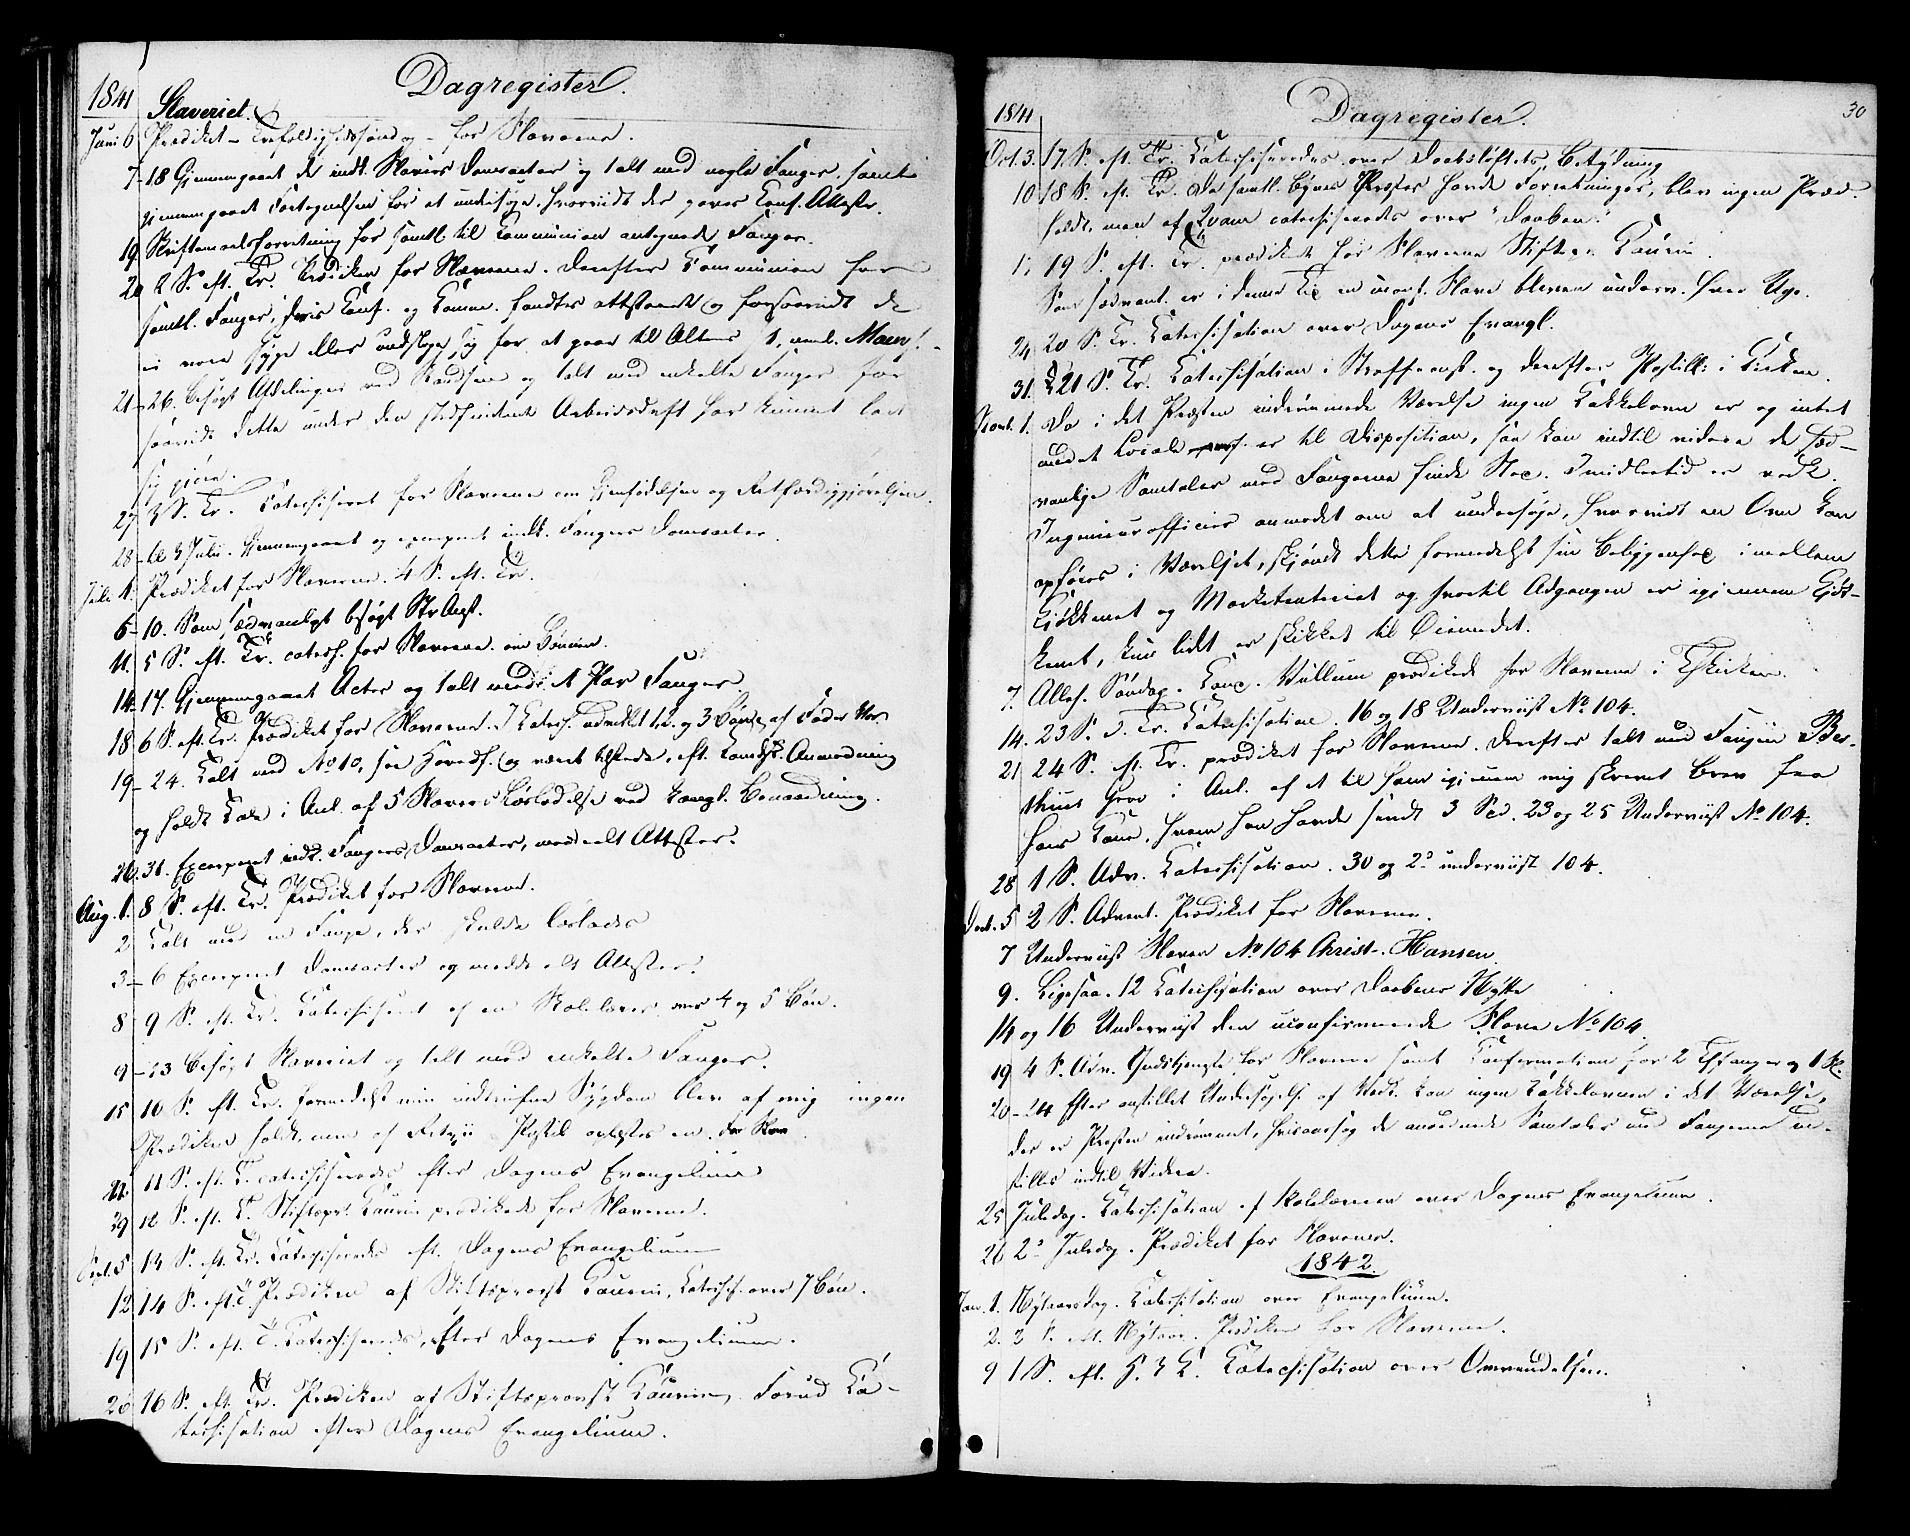 SAT, Ministerialprotokoller, klokkerbøker og fødselsregistre - Sør-Trøndelag, 624/L0481: Ministerialbok nr. 624A02, 1841-1869, s. 30